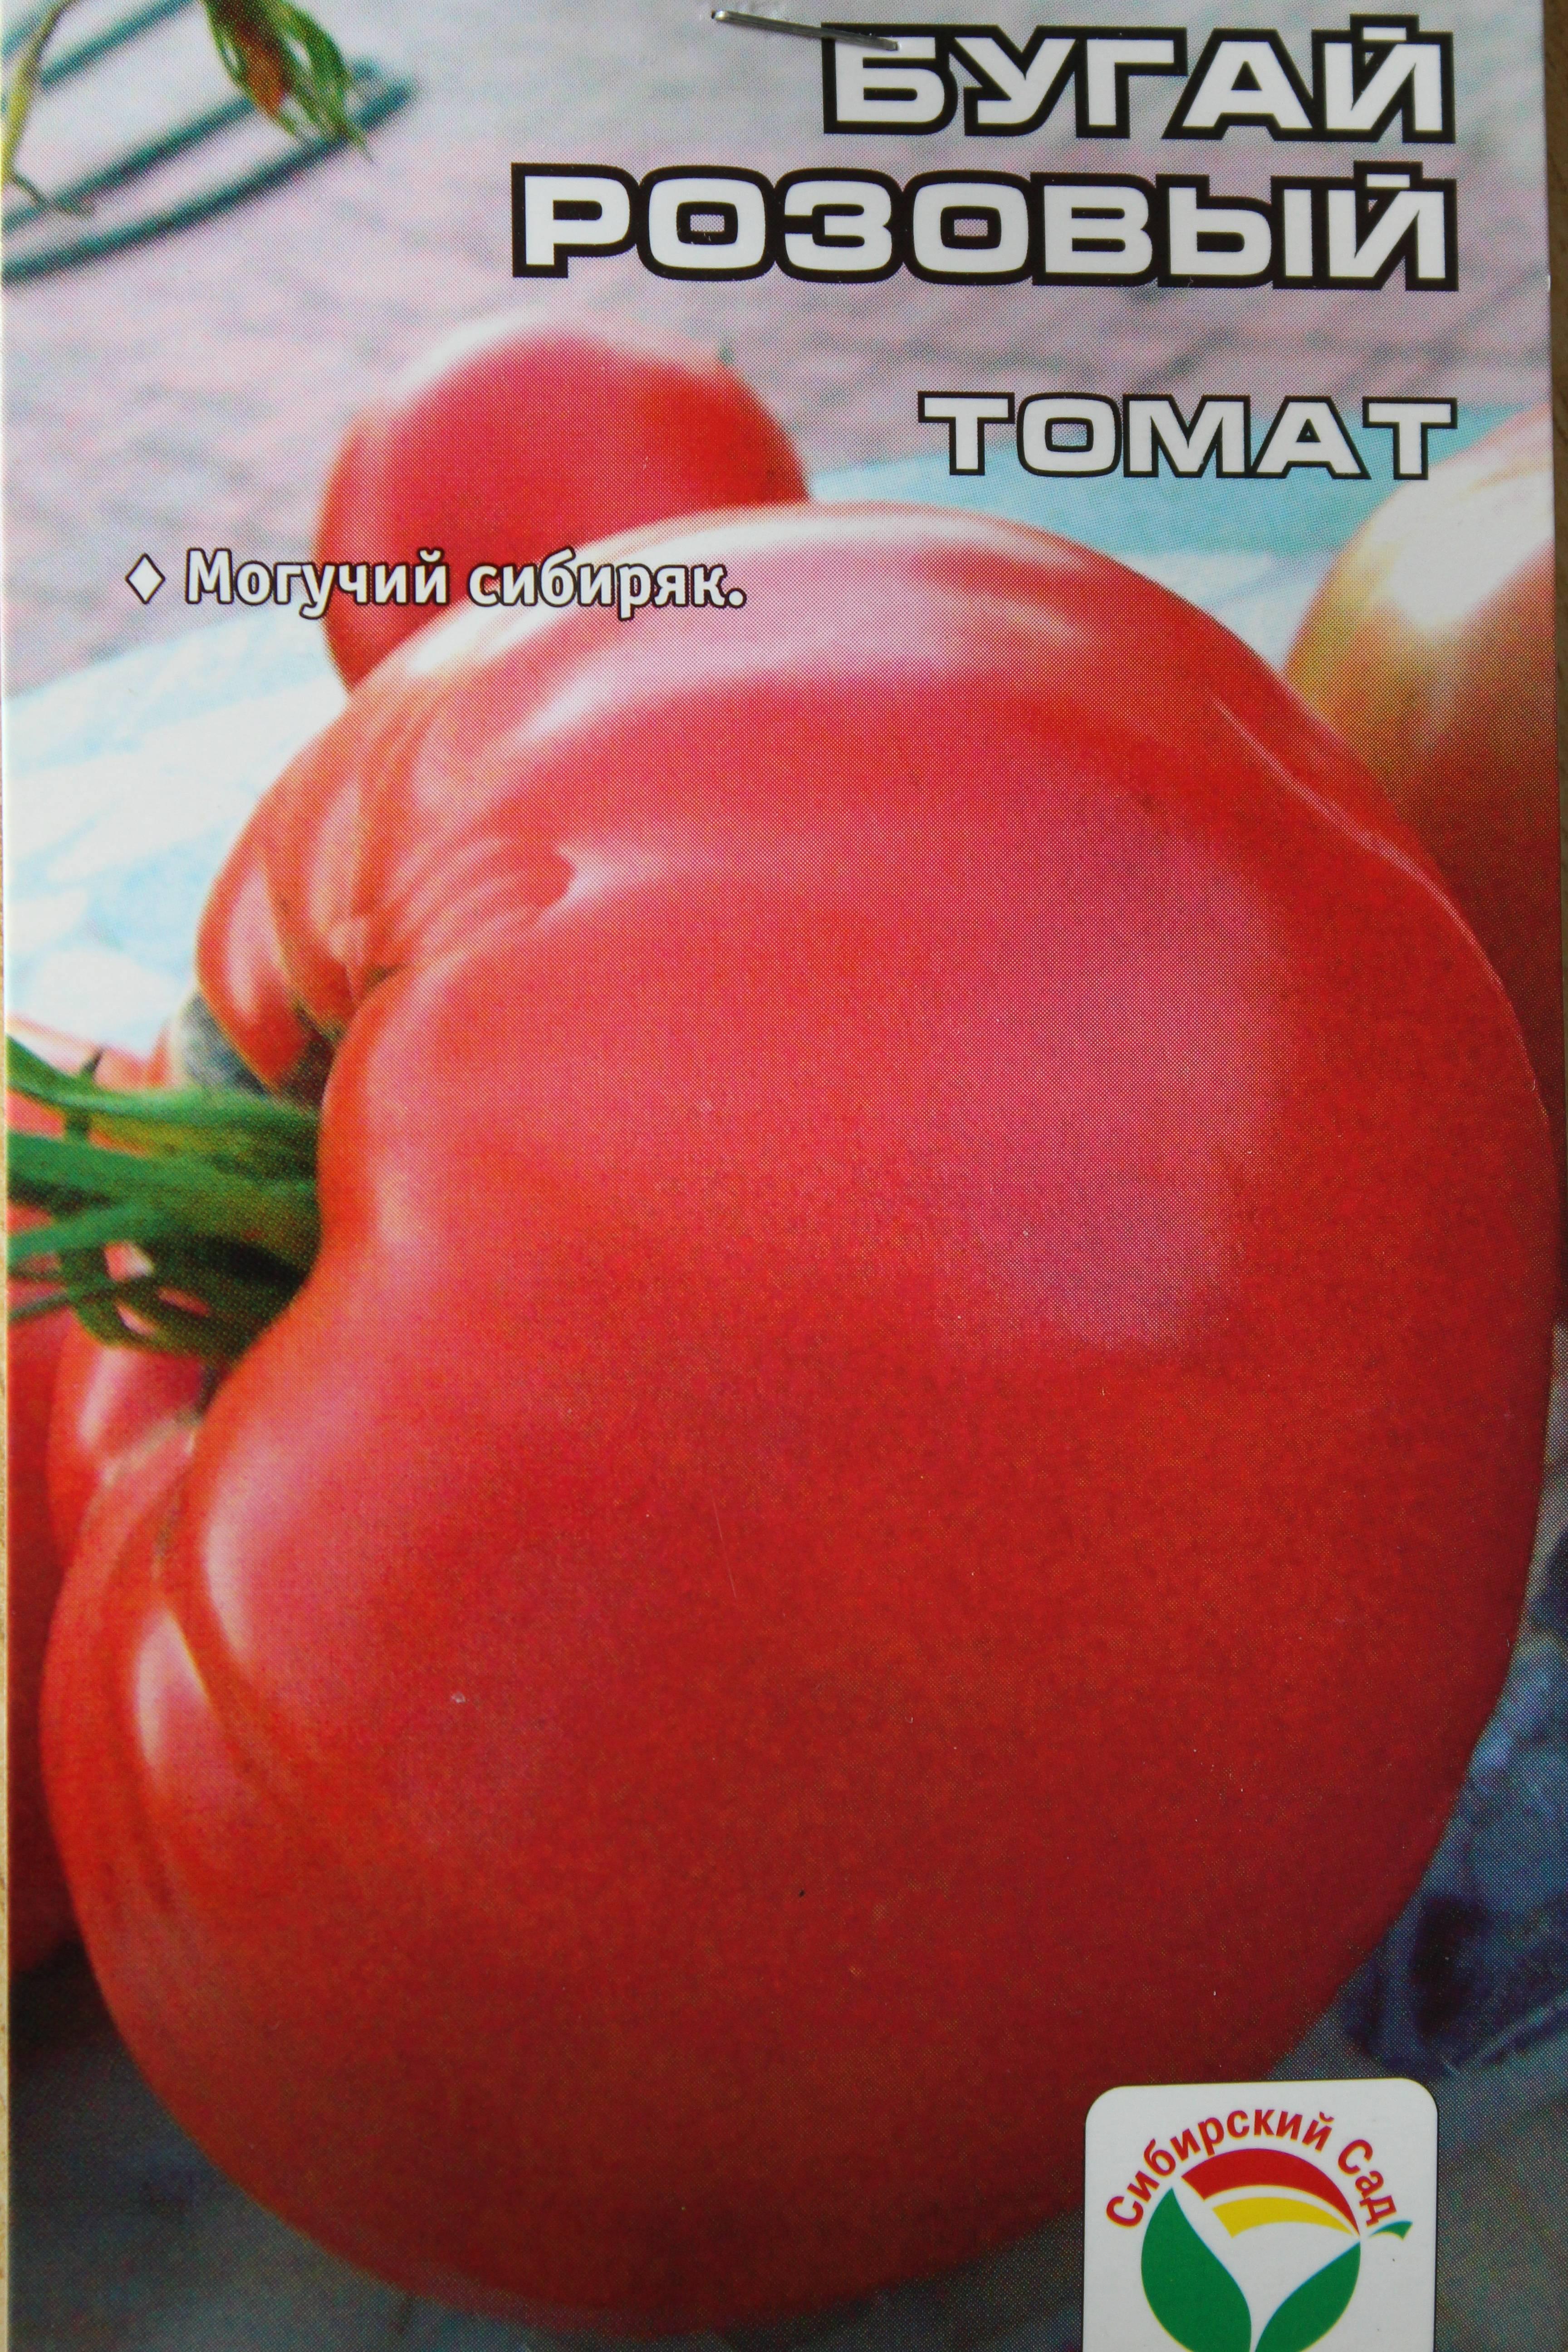 Описание томата «розовое чудо»: сроки созревания, вкус, урожайность